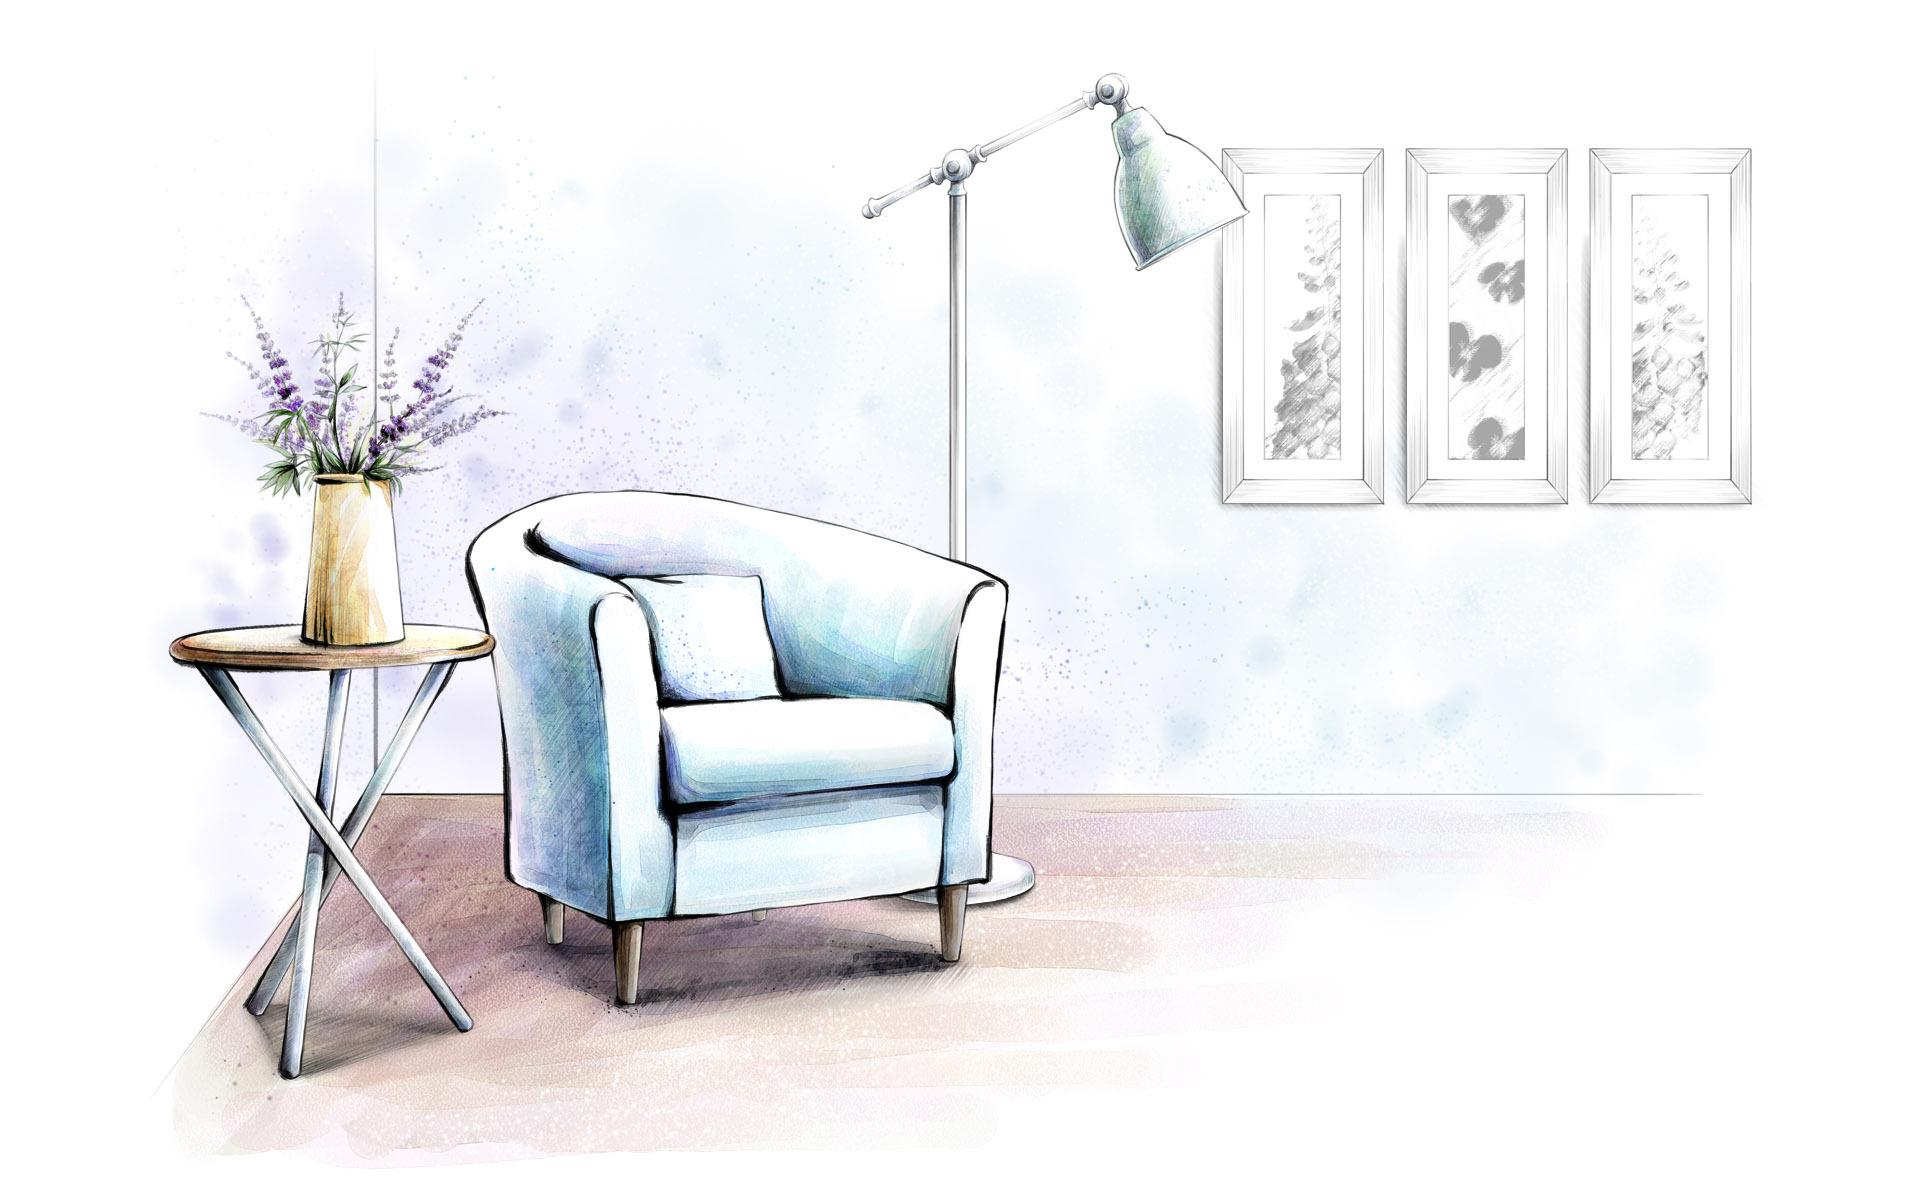 手绘家居图|空间|建筑设计|ui粉 - 原创作品 - 站酷